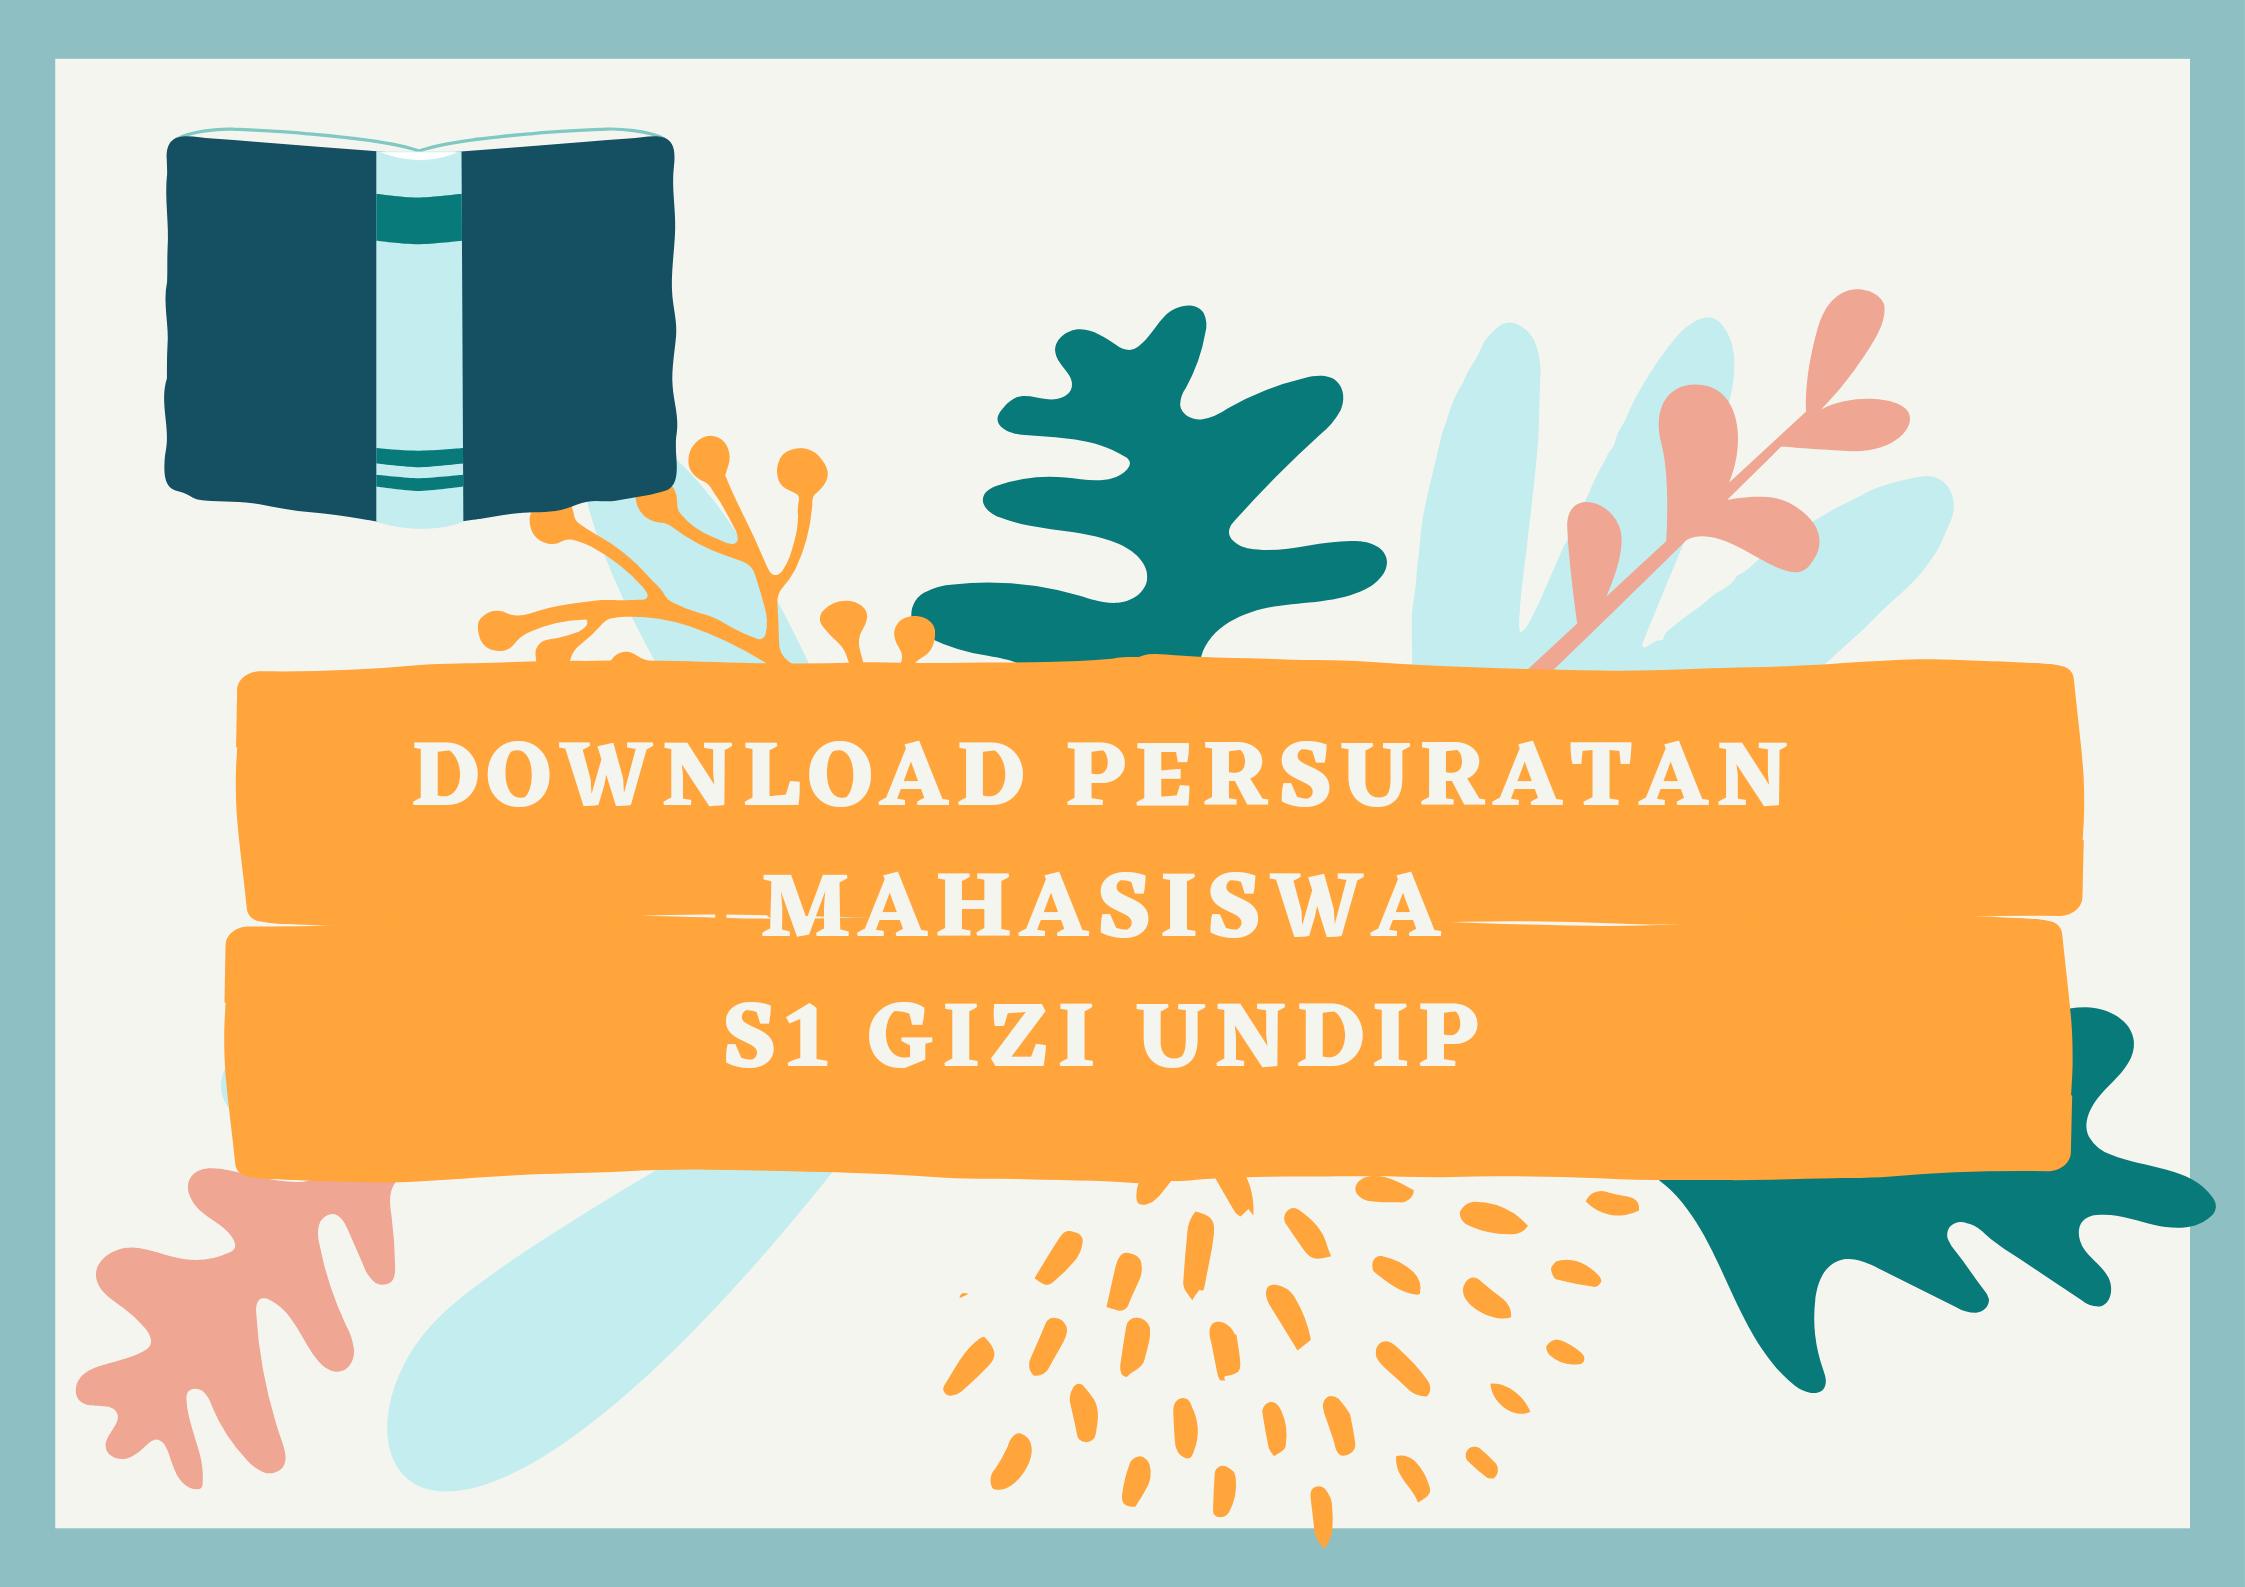 Download Persuratan Mahasiswa